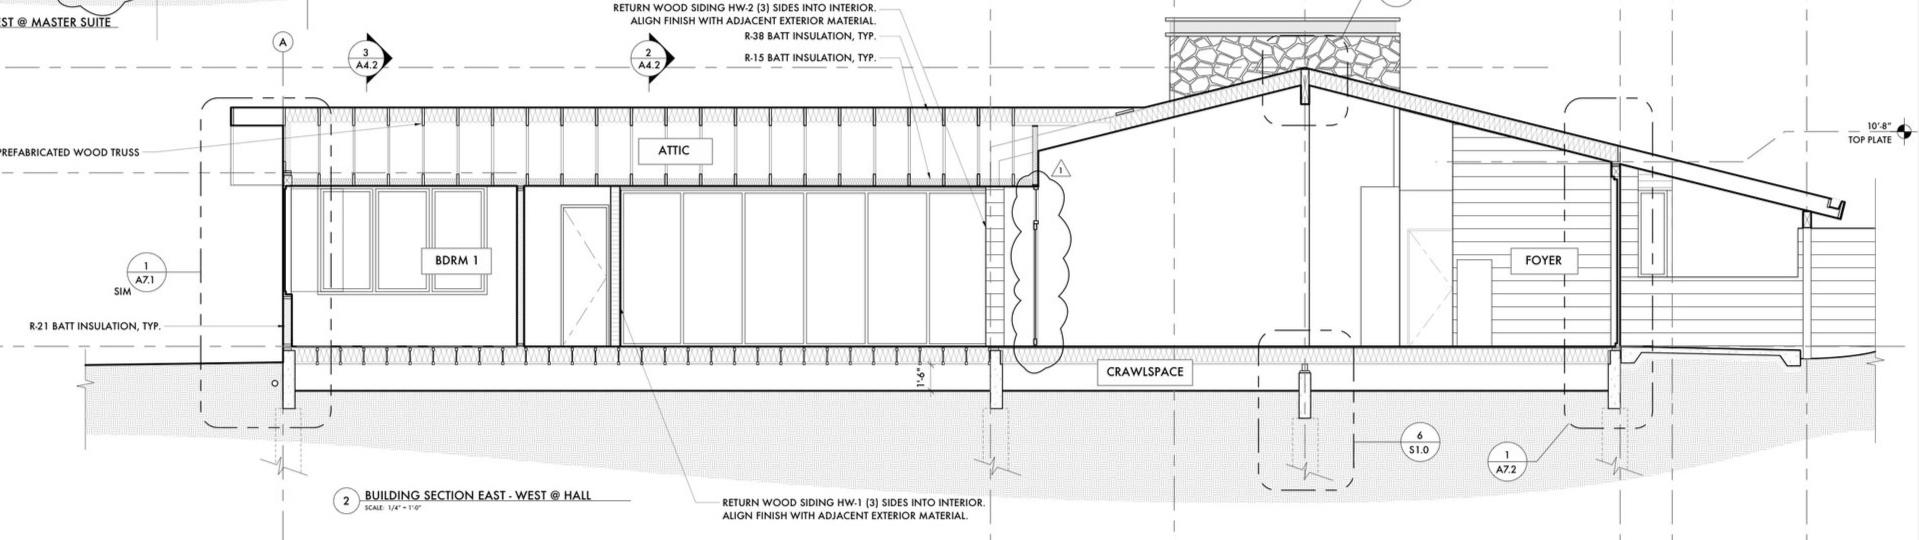 Site Plan for website_10.jpg